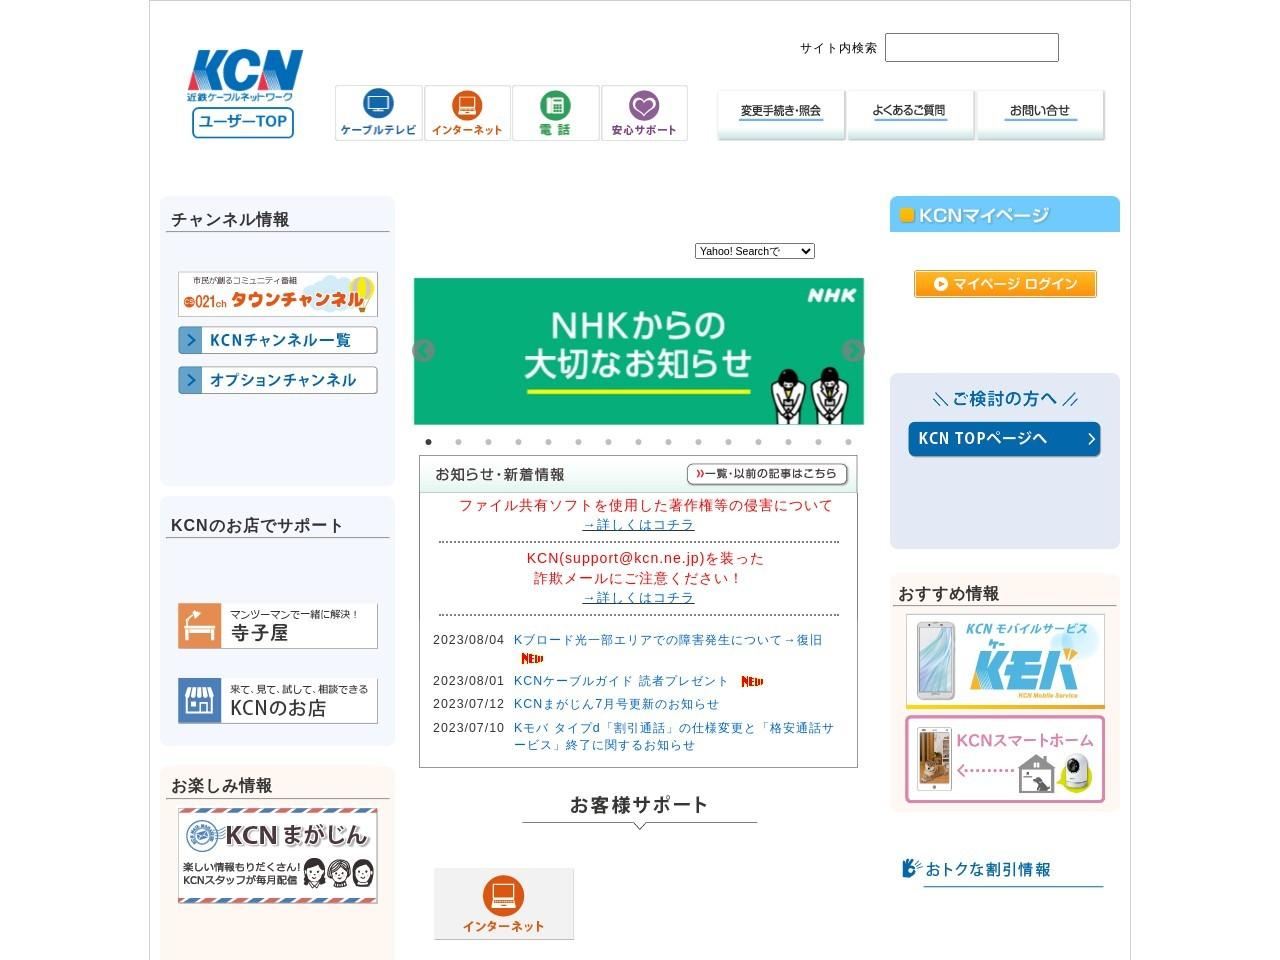 http://www1.kcn.ne.jp/~hiro415/